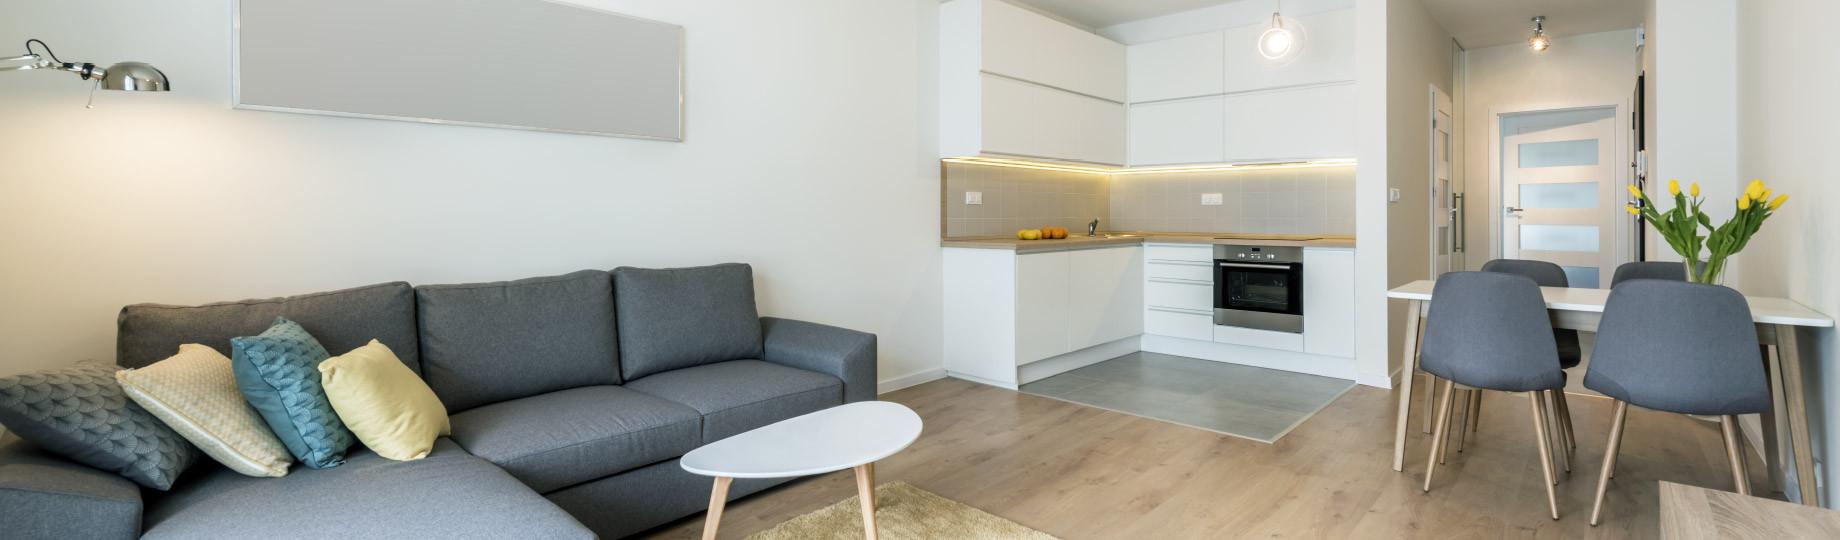 Récupération TVA sur location meublée